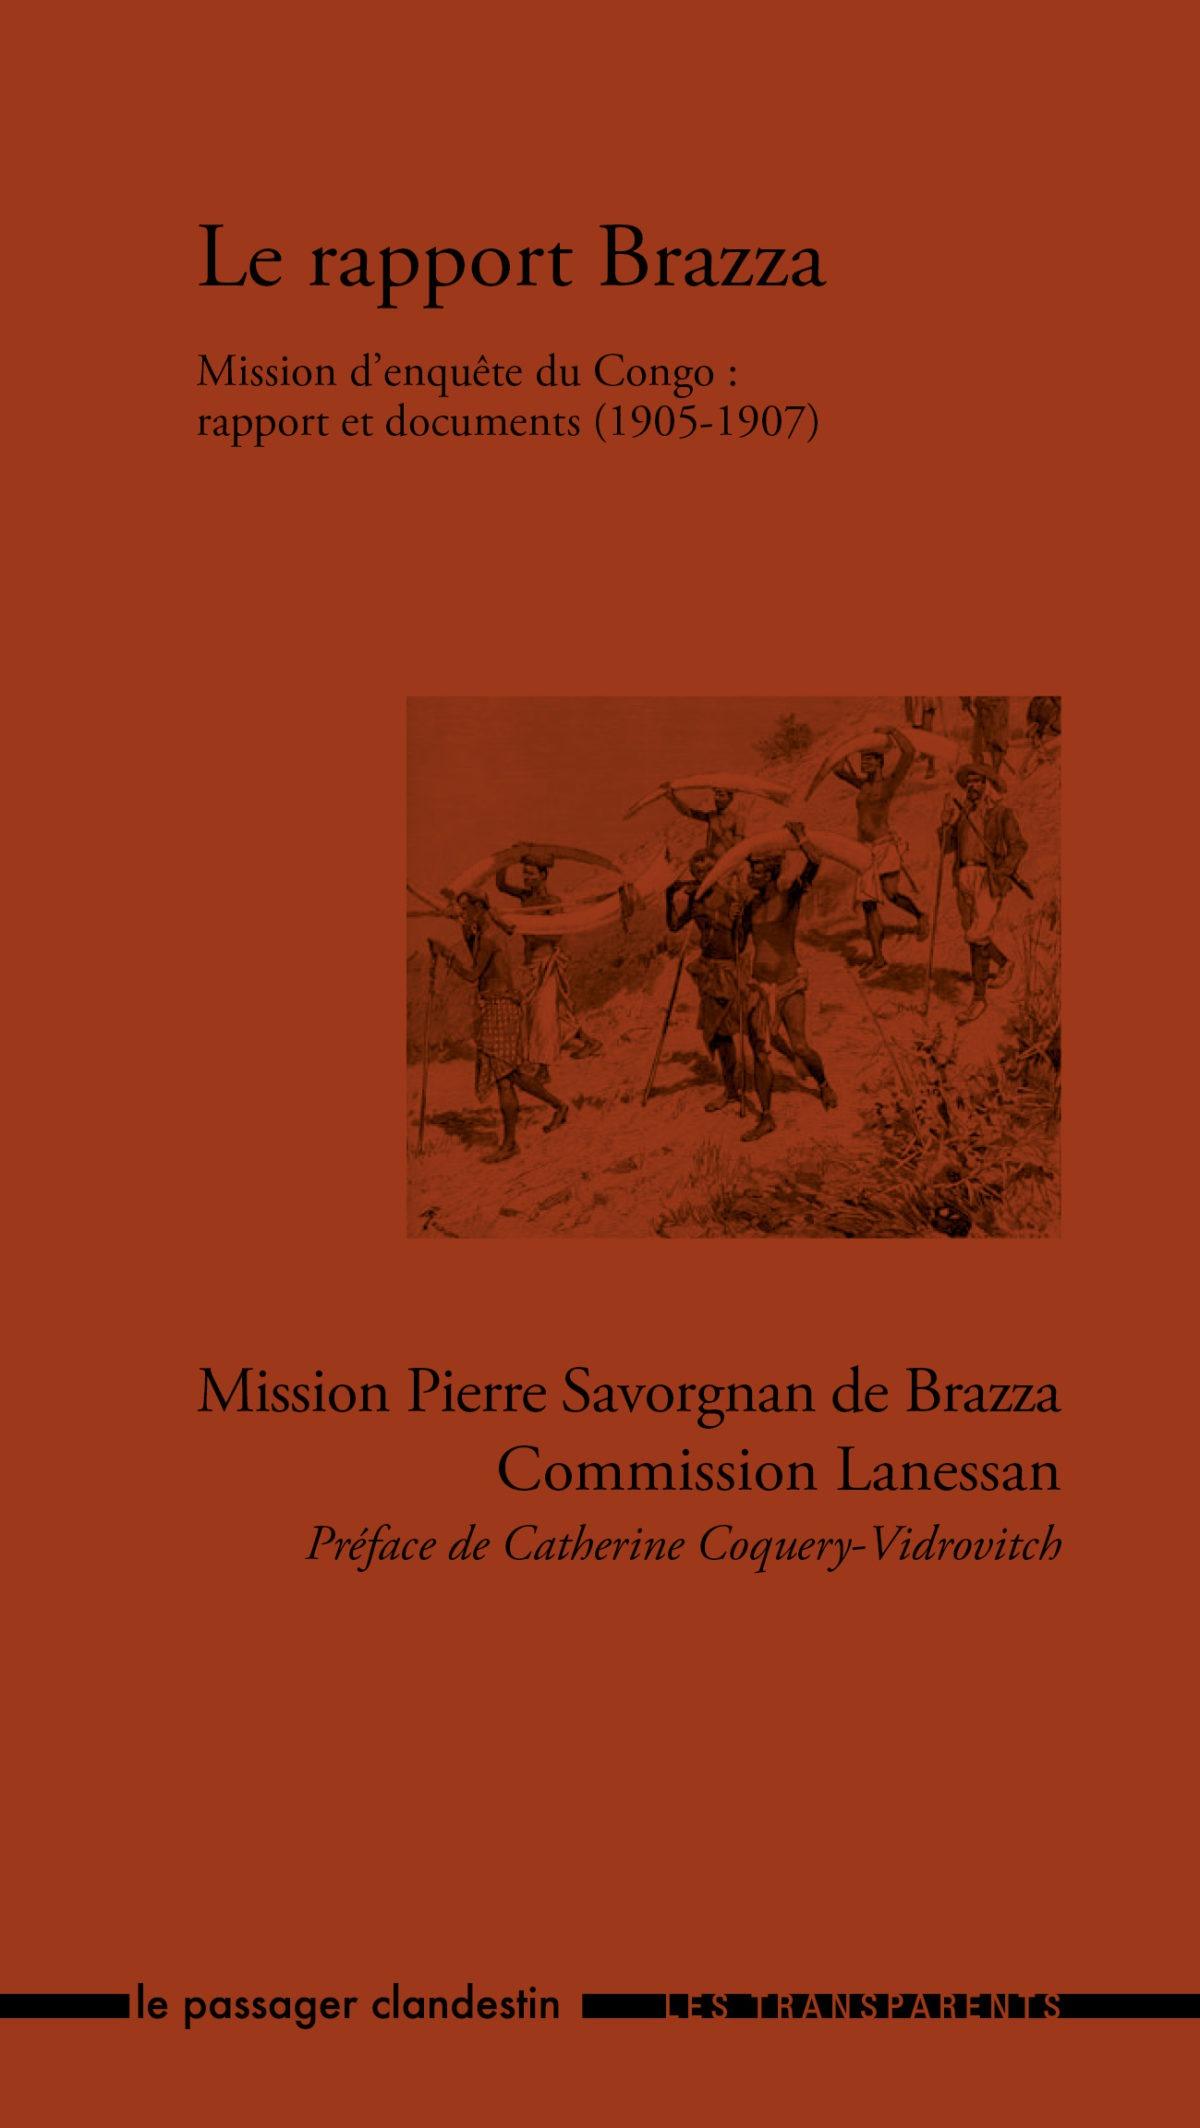 Le rapport Brazza